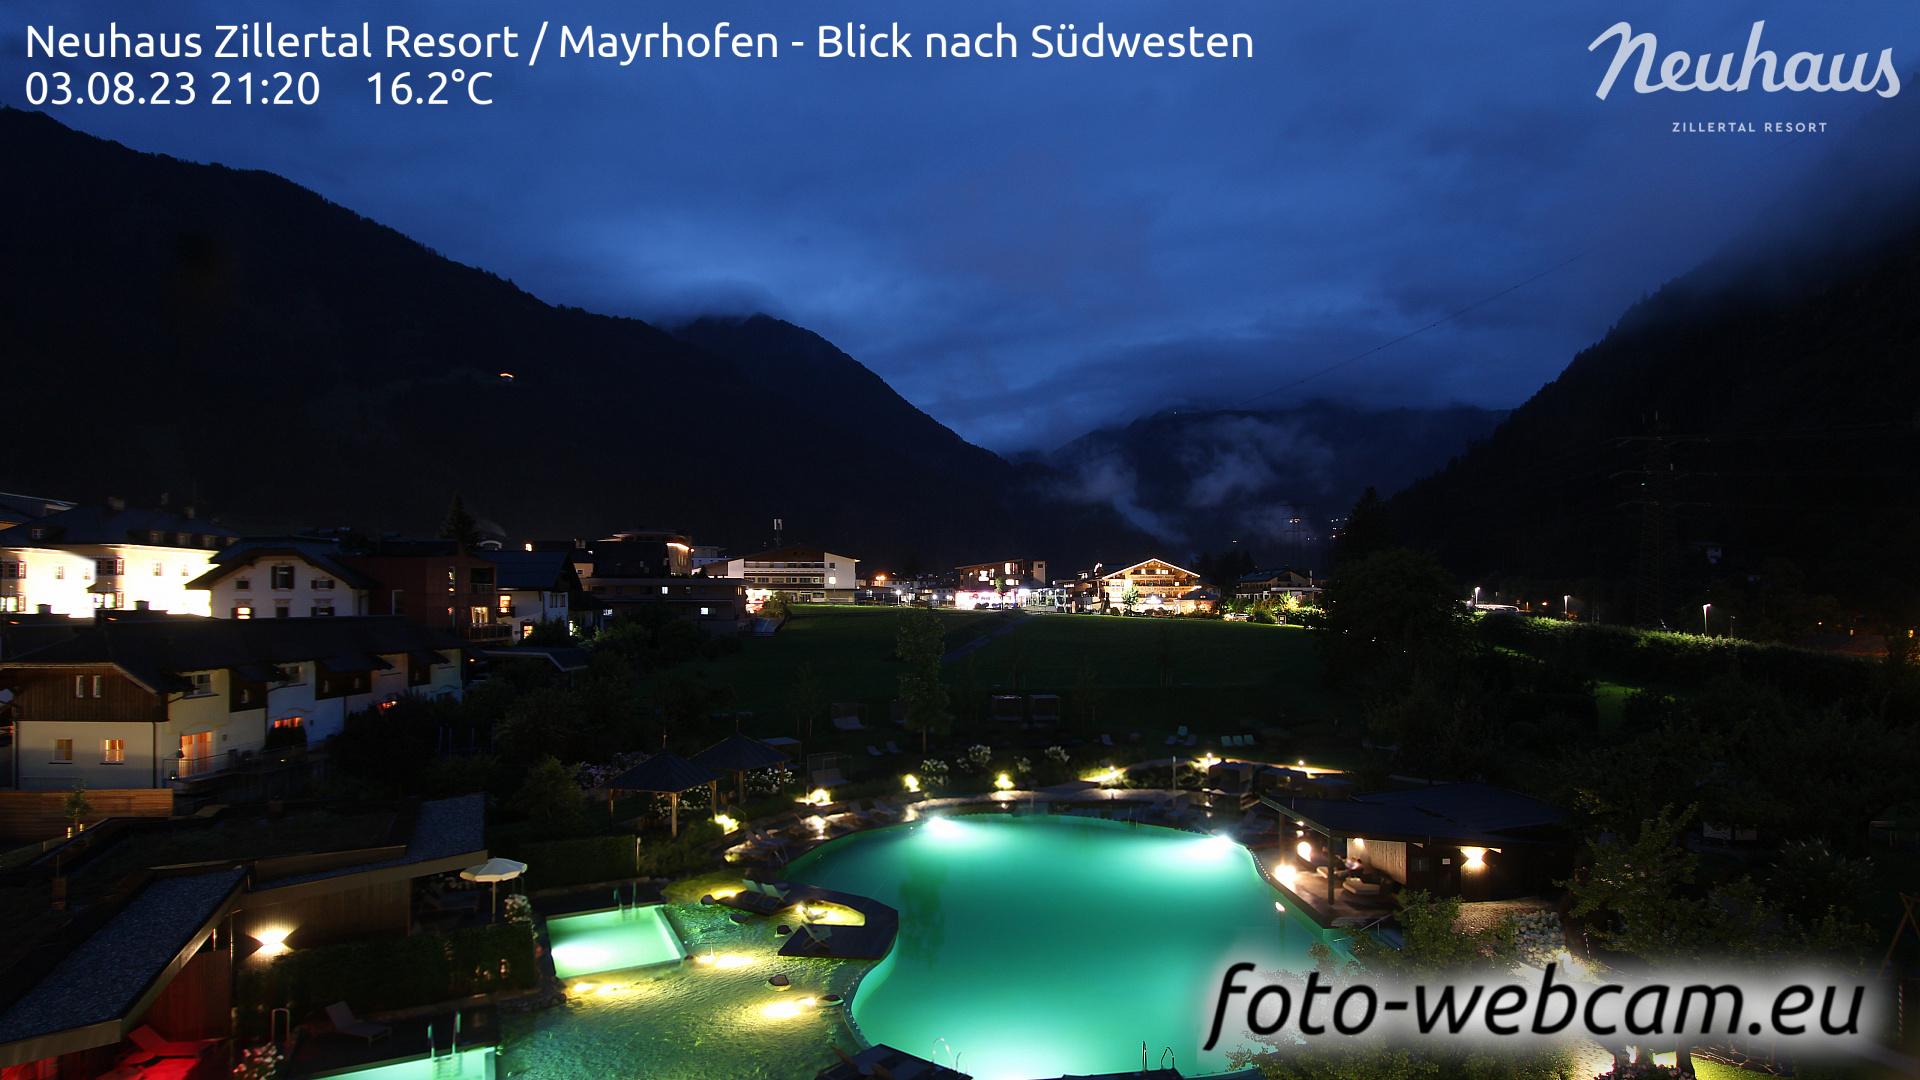 Mayrhofen Sun. 21:33